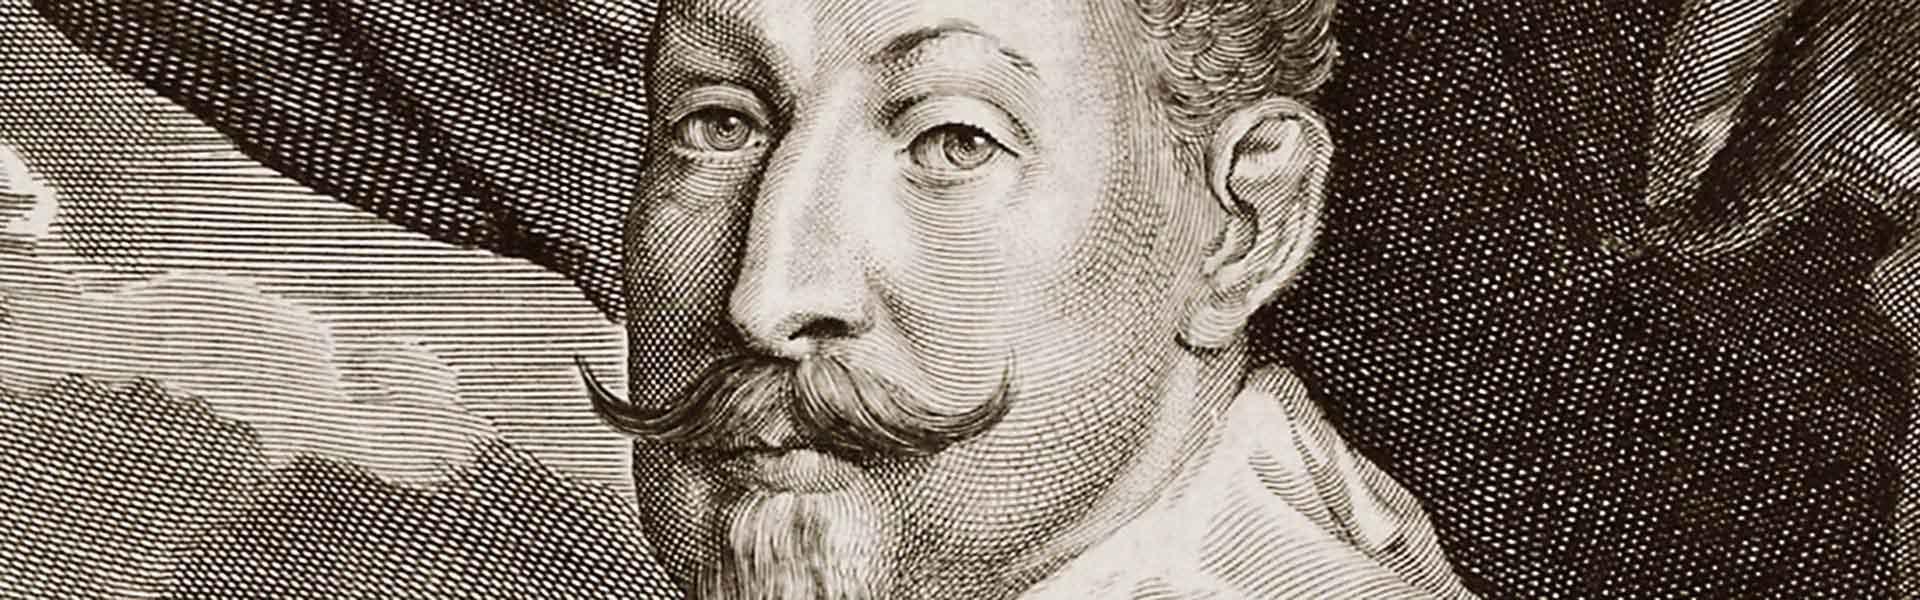 Sommarkvllskonserter - Gustaf Vasa frsamling